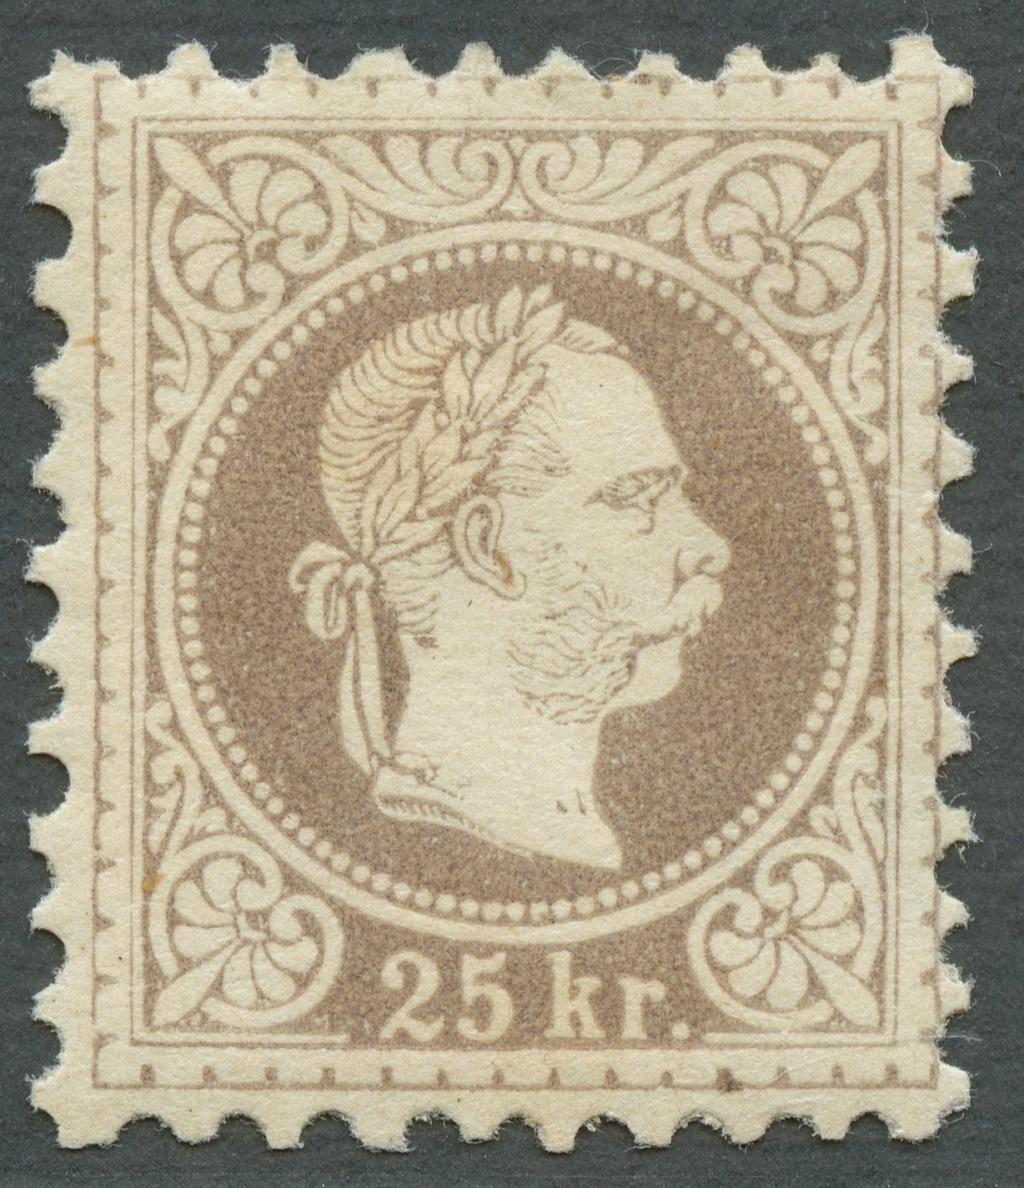 Nachtrag - Freimarken-Ausgabe 1867 : Kopfbildnis Kaiser Franz Joseph I - Seite 22 Ank_4011